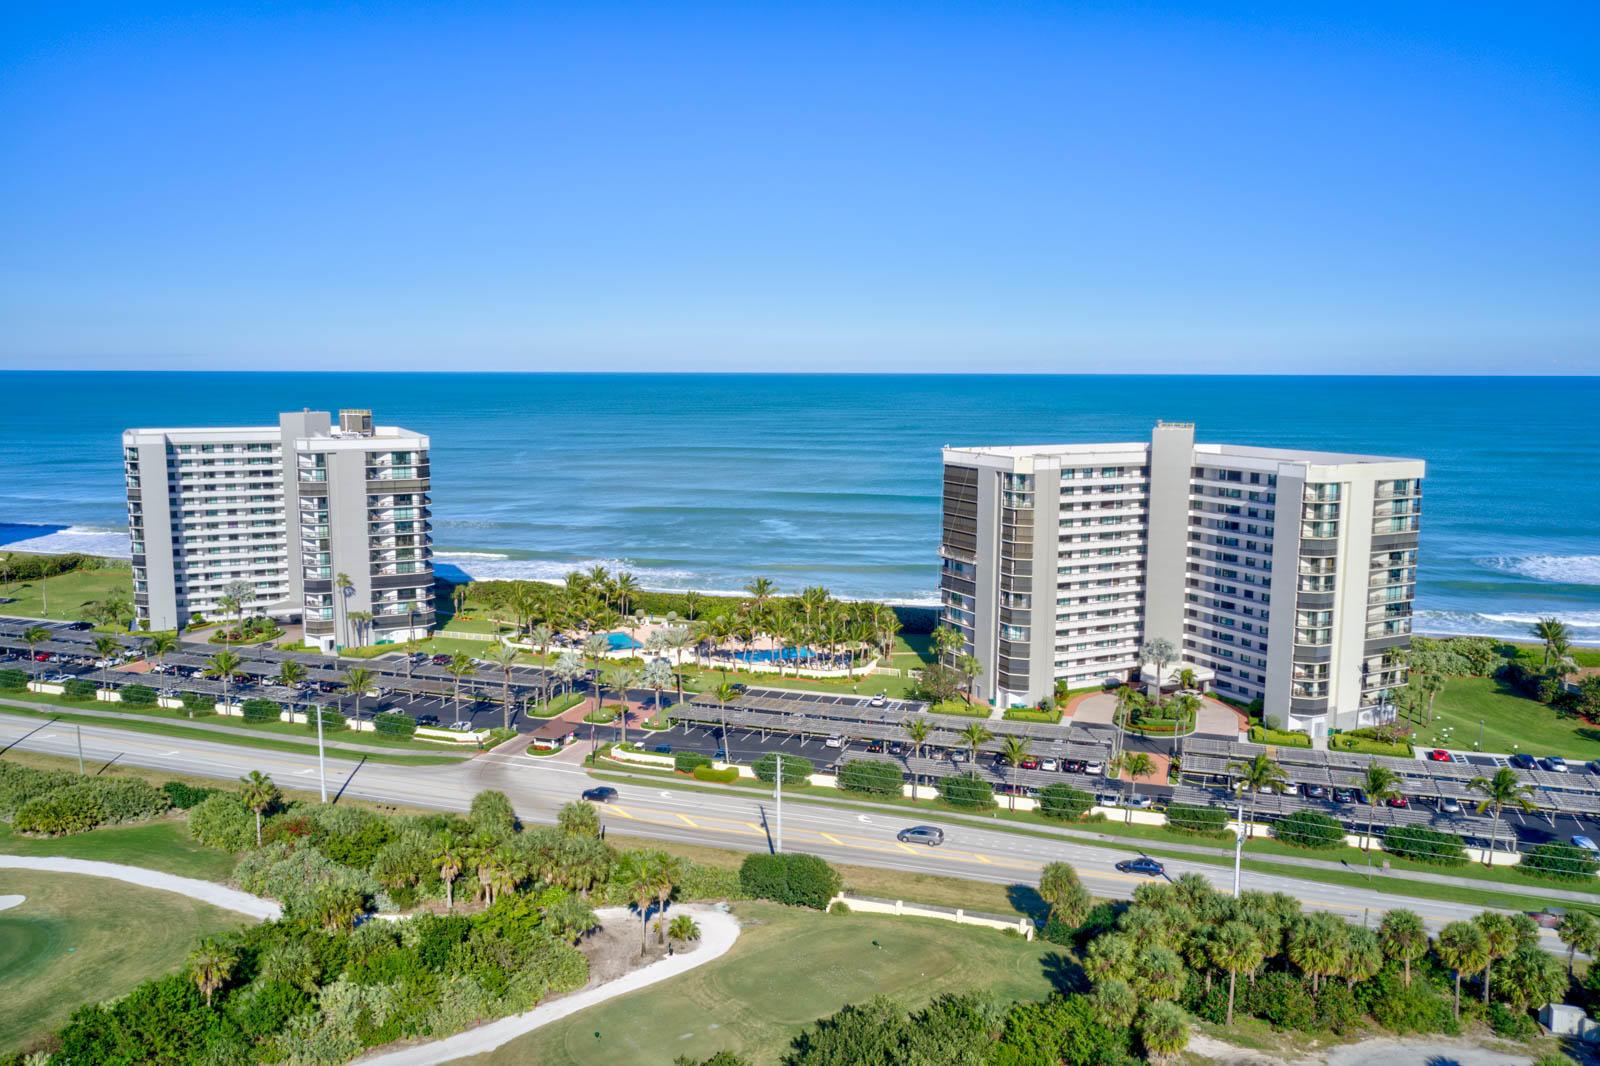 8800 Ocean Jensen Beach 34957